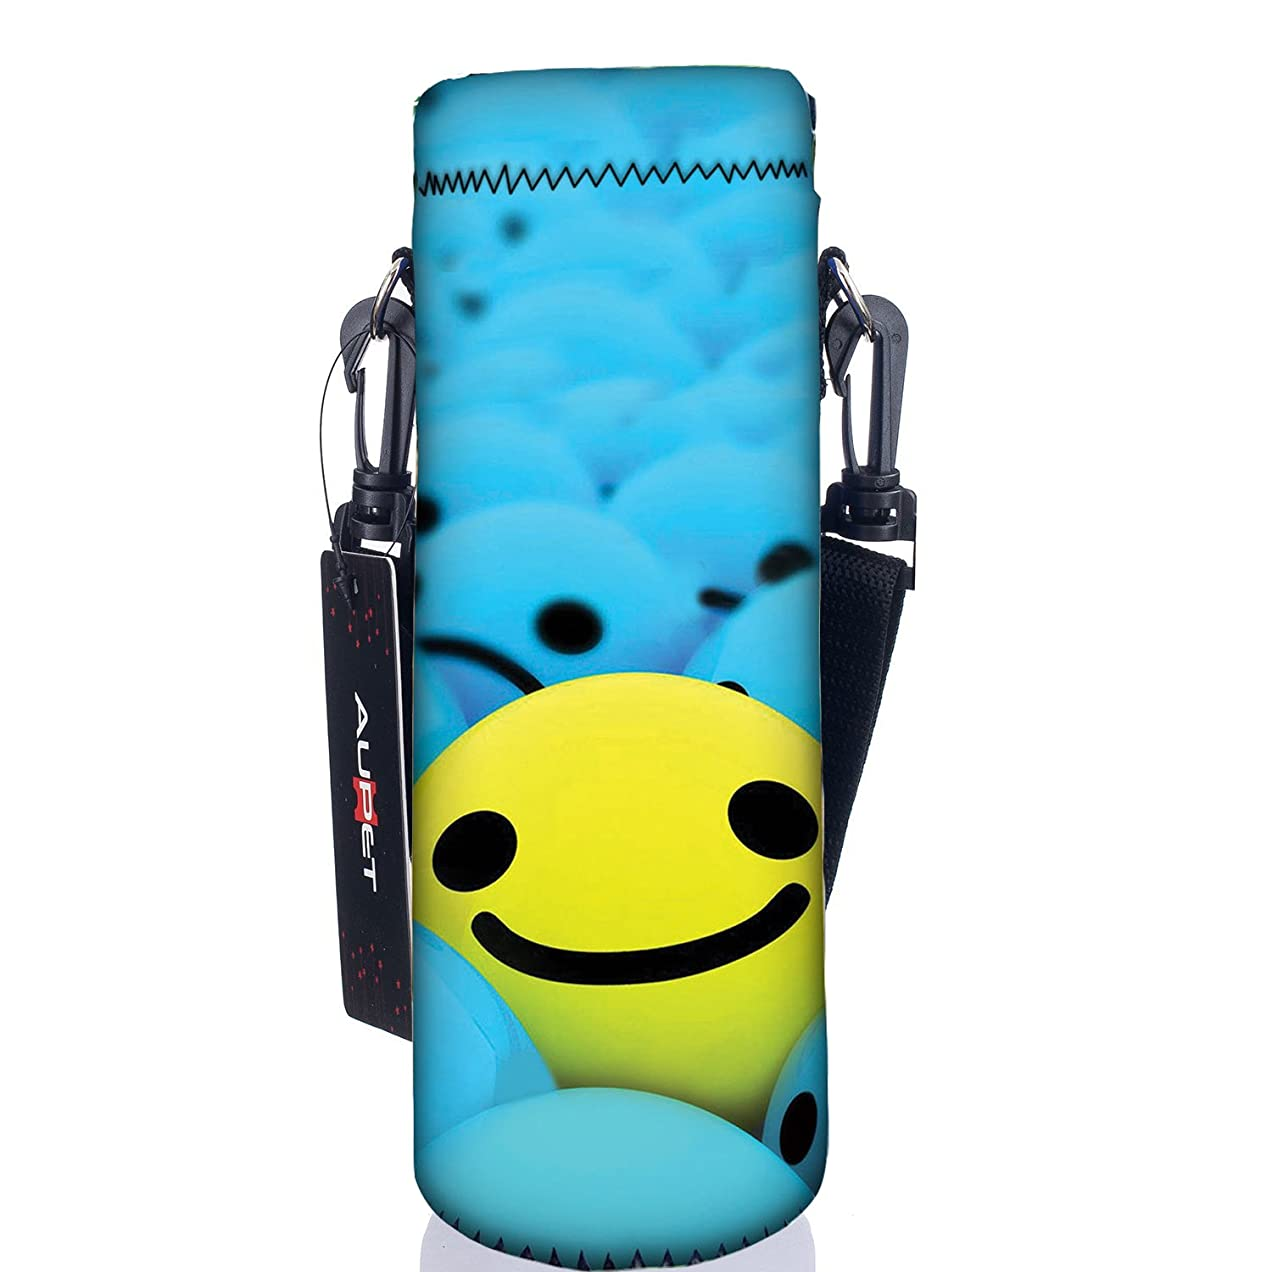 誕生日バブルちなみにAUPET 水筒カバー 携帯式ボトルカバー 水筒ケース 調節可能なショルダーストラップある 3.14インチ(約8cm)以下直径のボトルに合う (750ML, PBC-26)